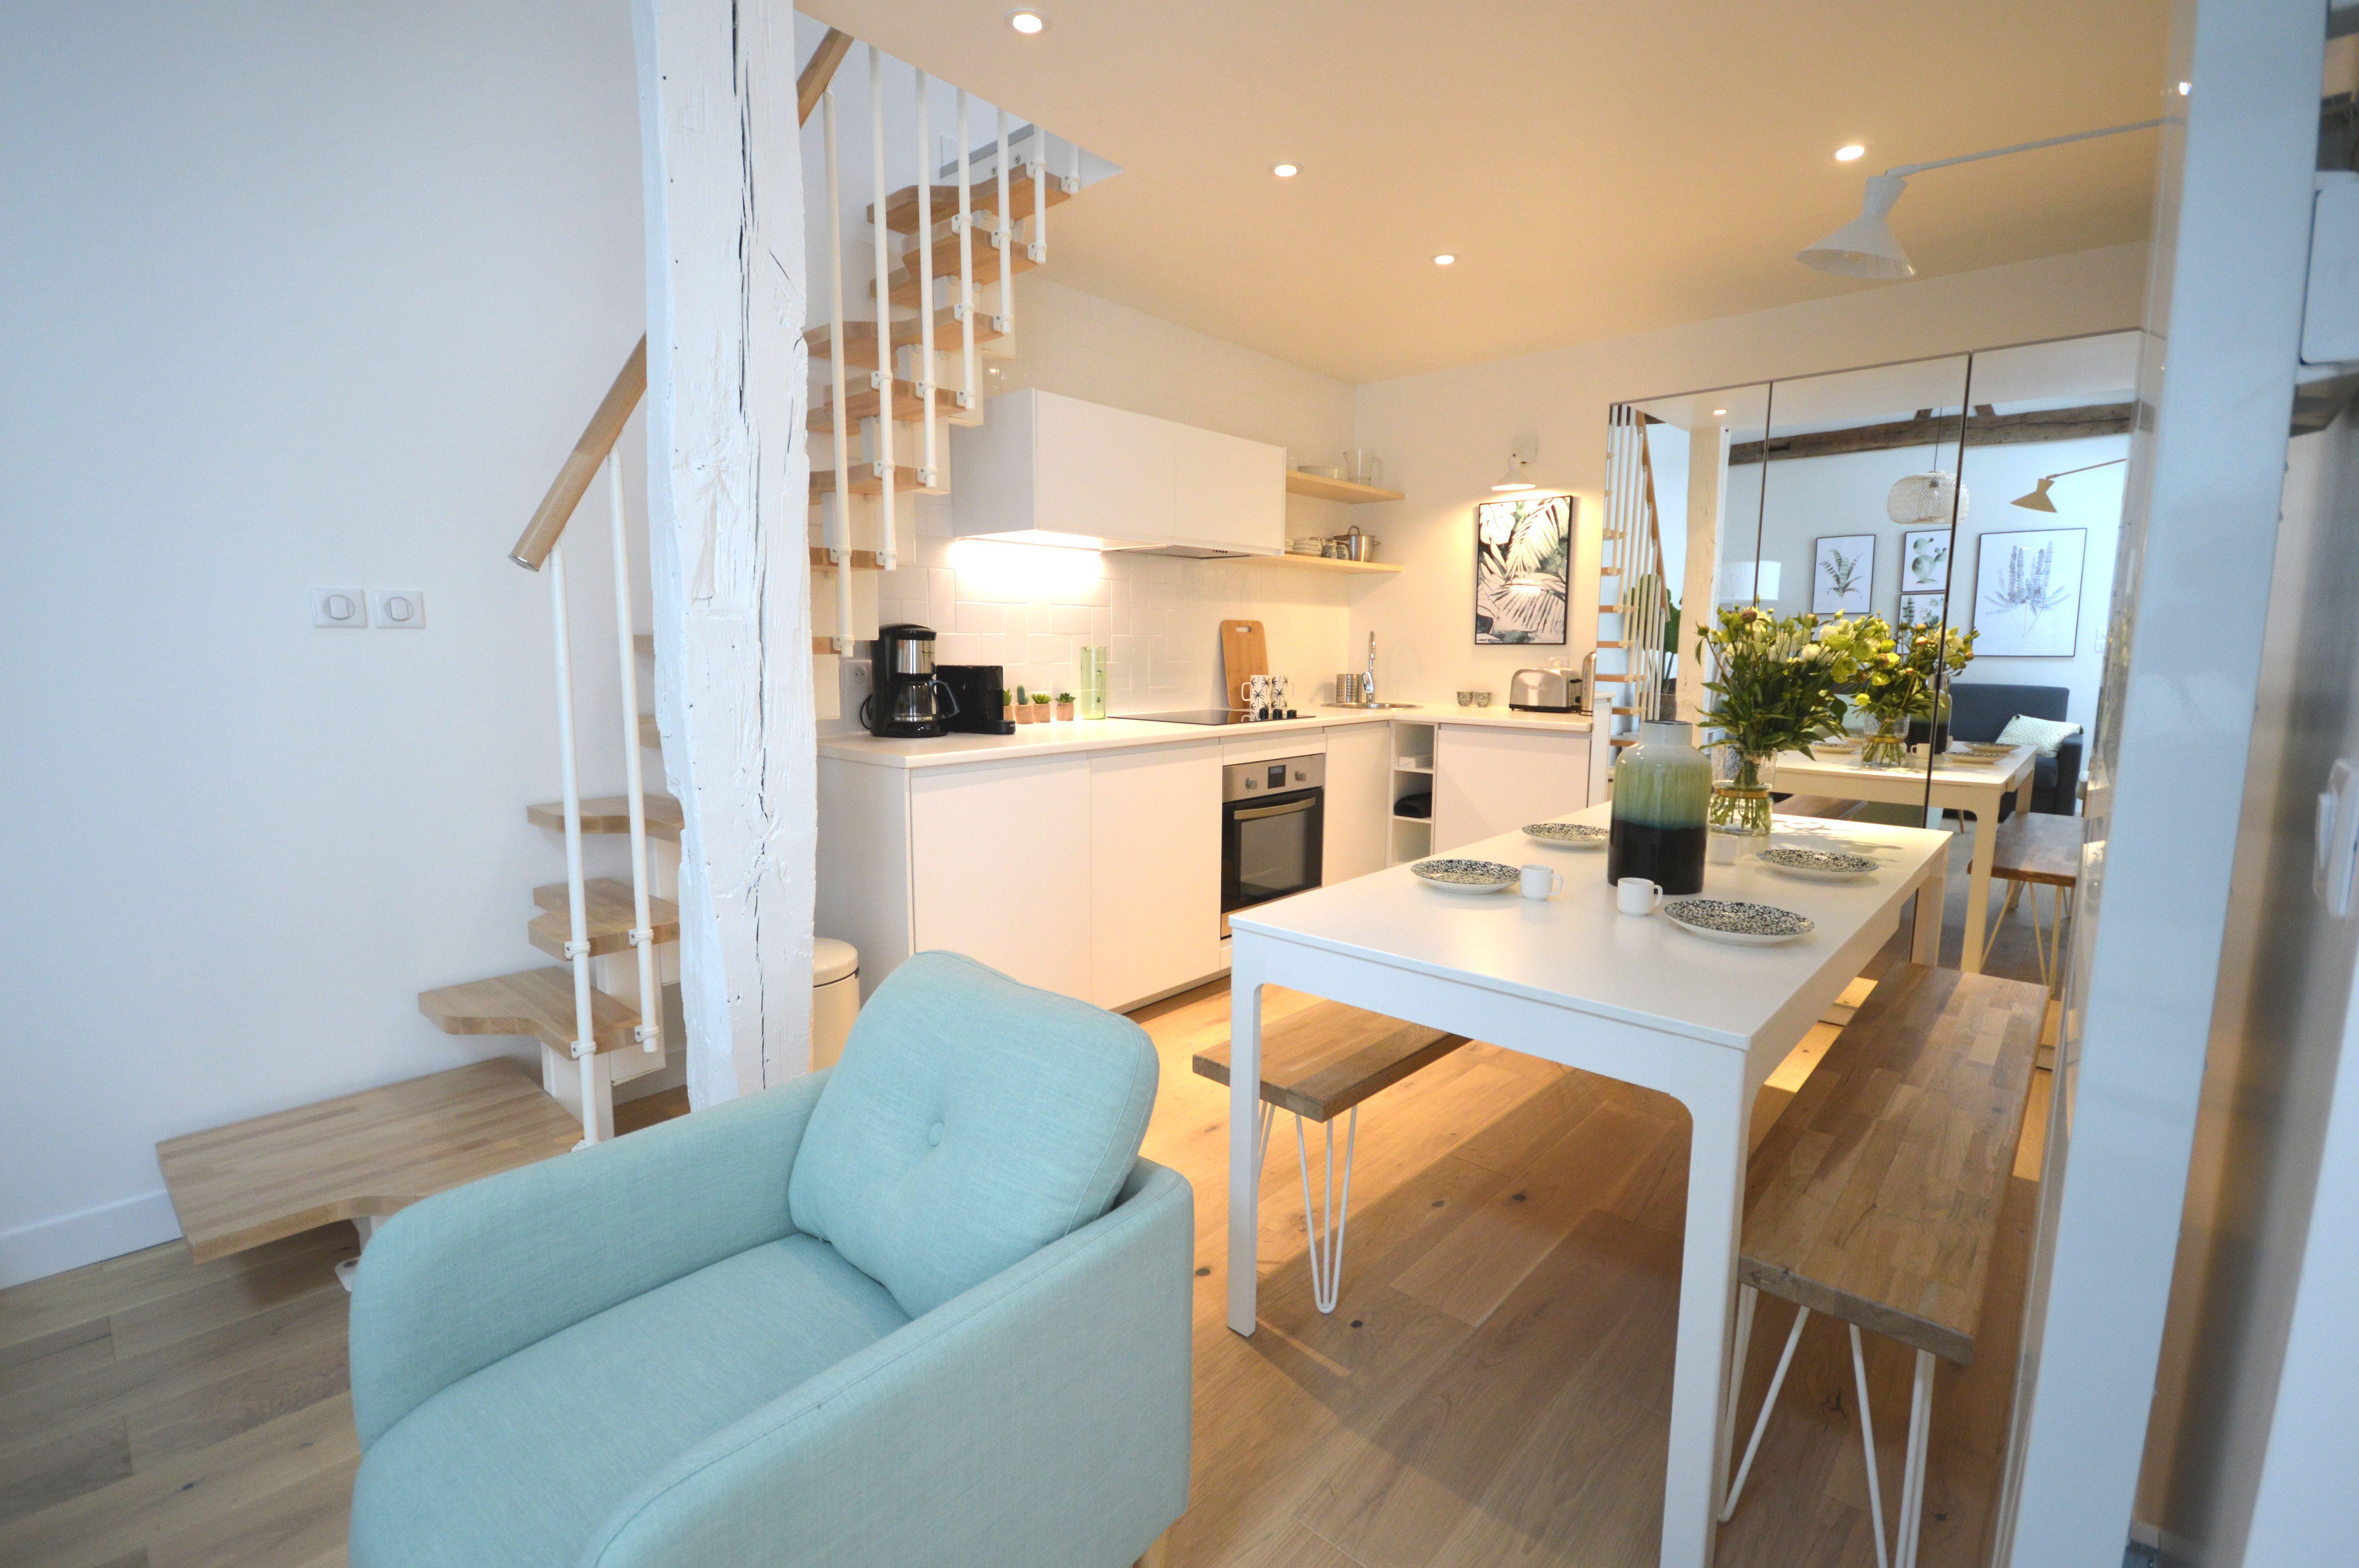 Décoration D Intérieur Dijon appartement#paris#cuisine#scandinave#blanche#verte#poutre